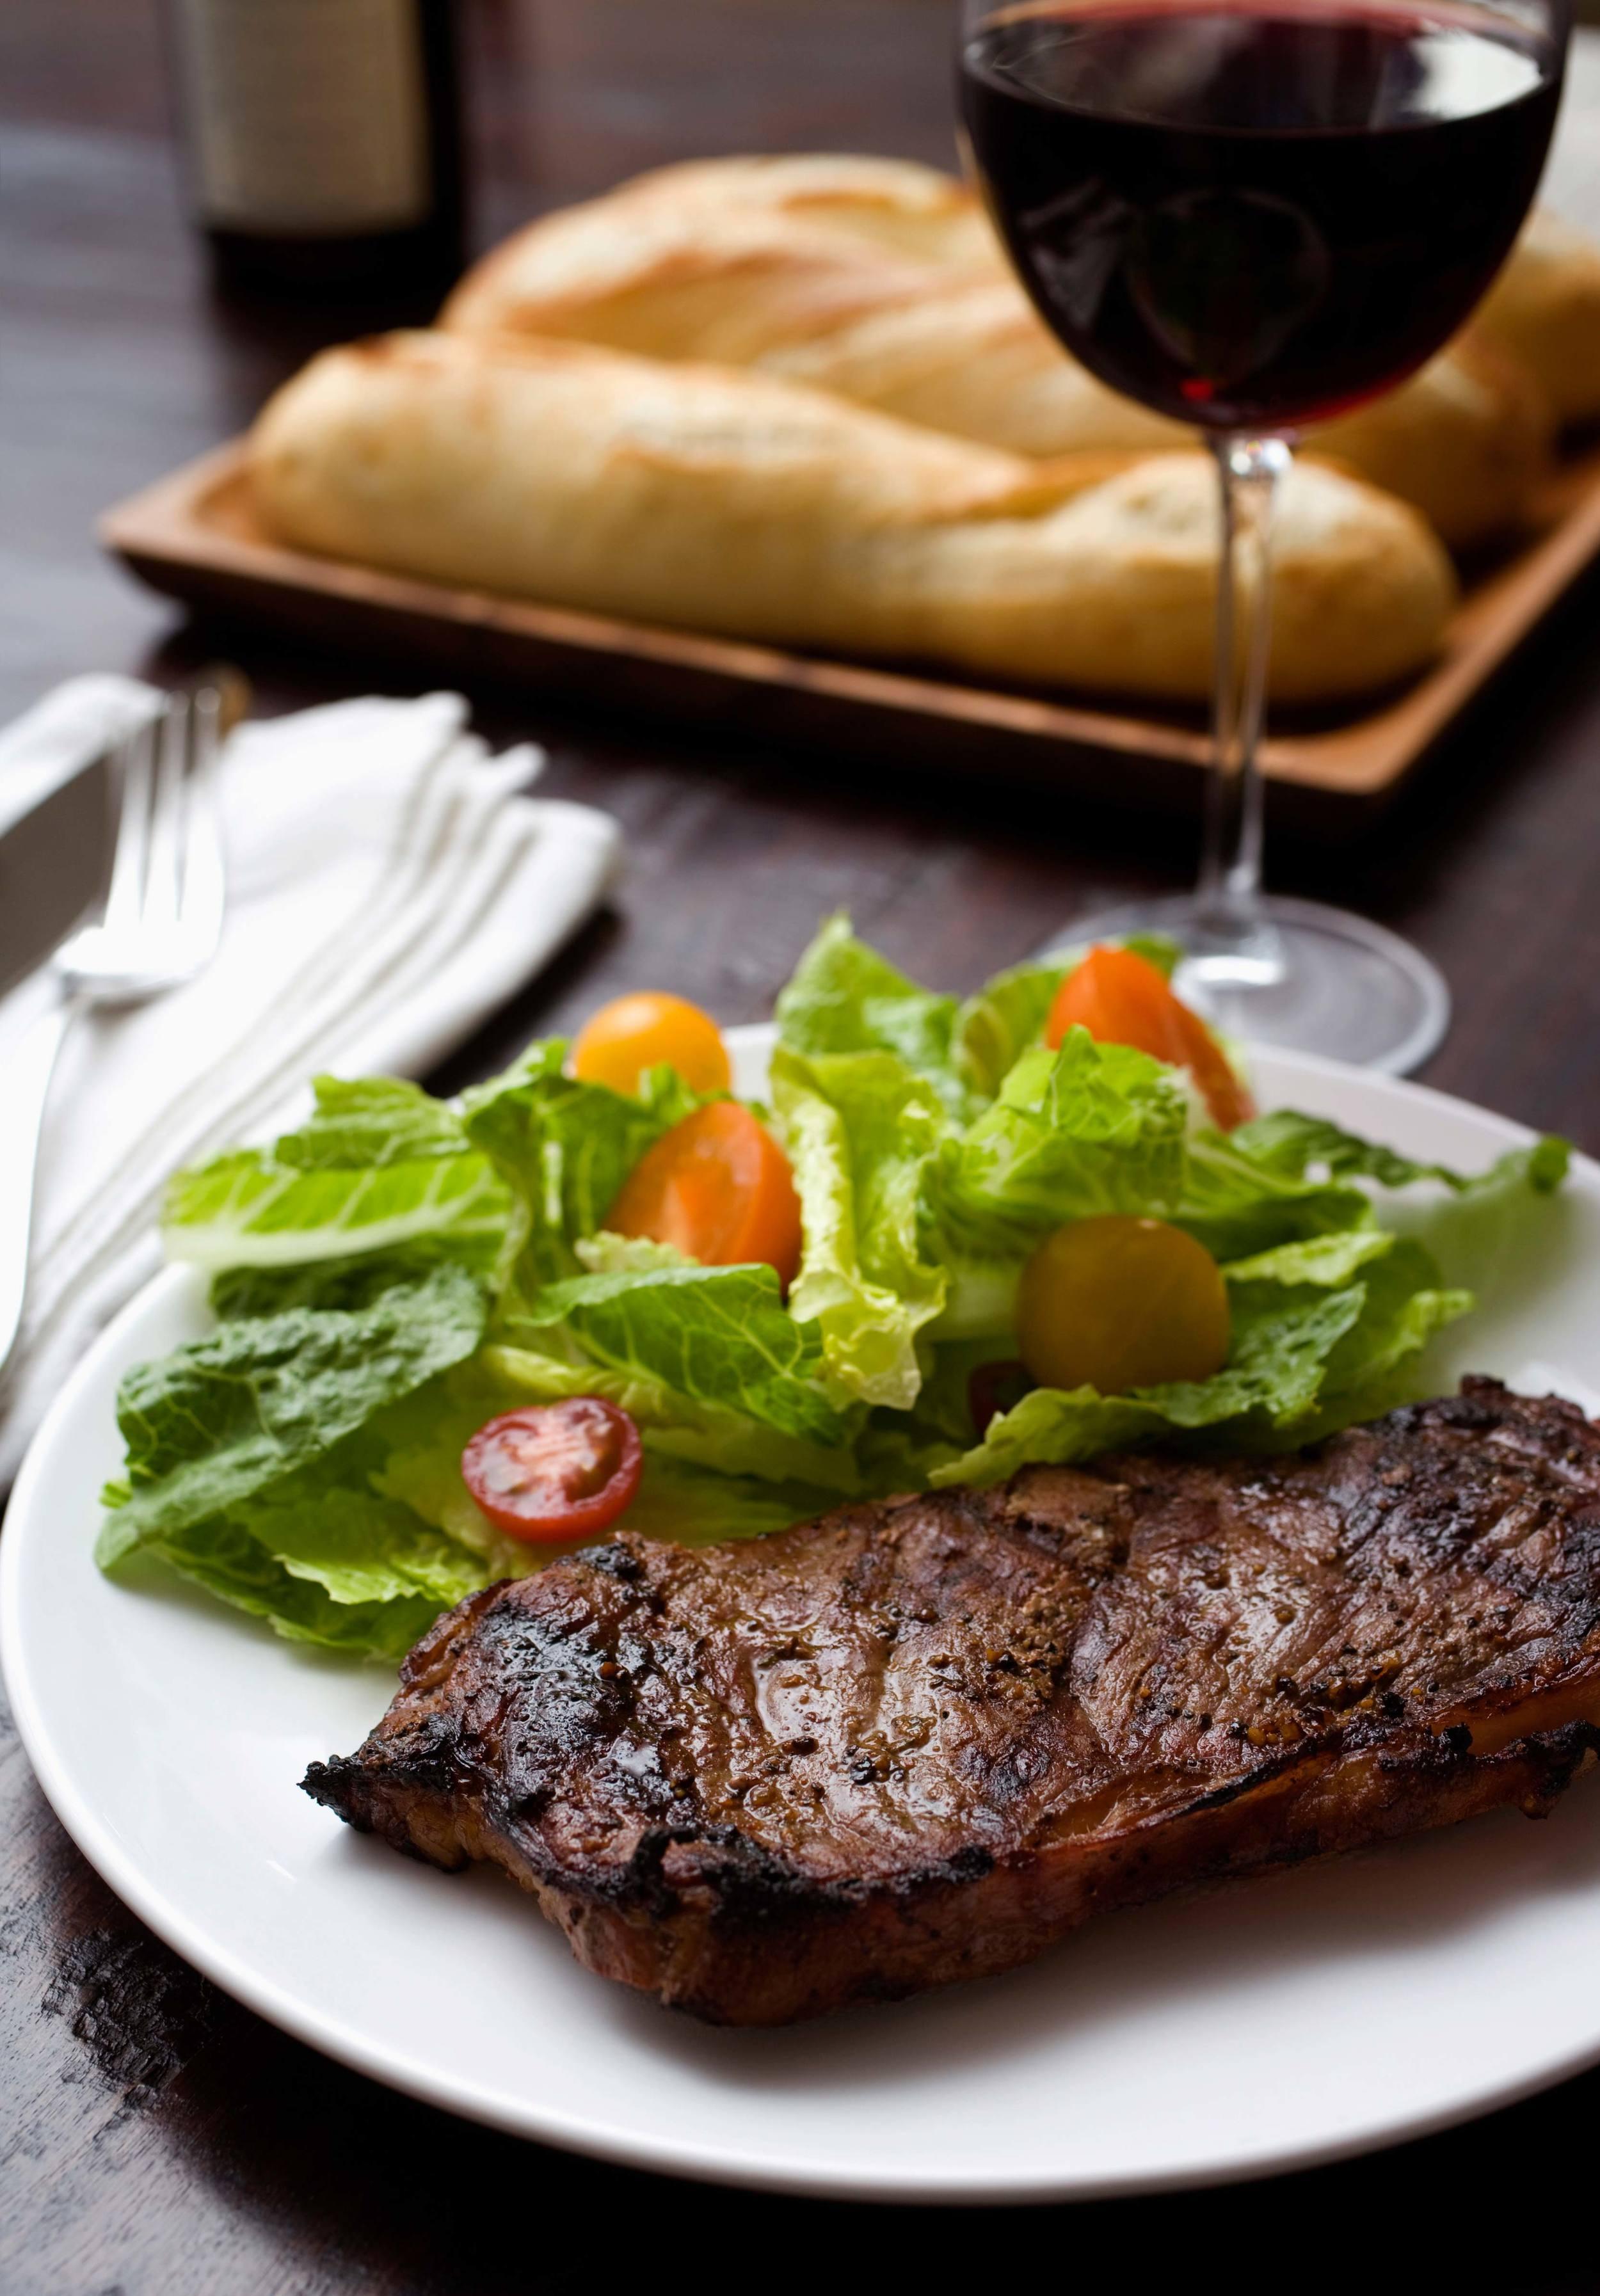 iStock_000005965072_Dinner.jpg